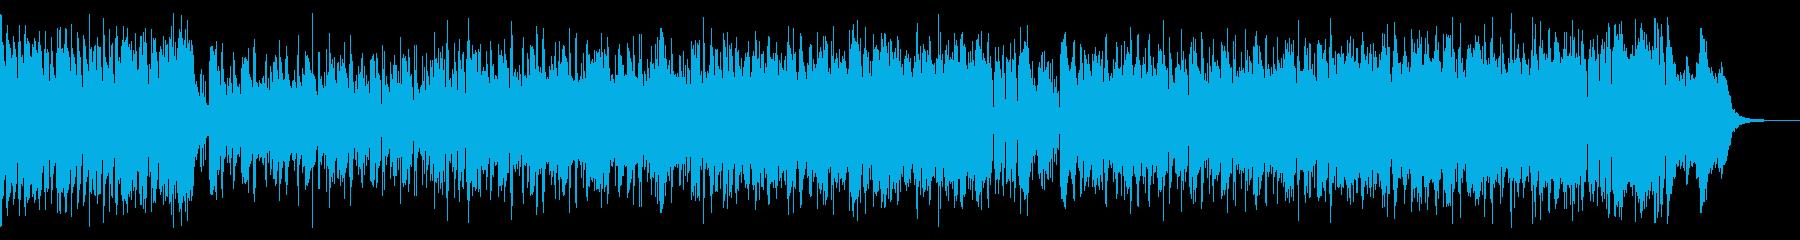 スピード感あってにぎやかな音楽の再生済みの波形